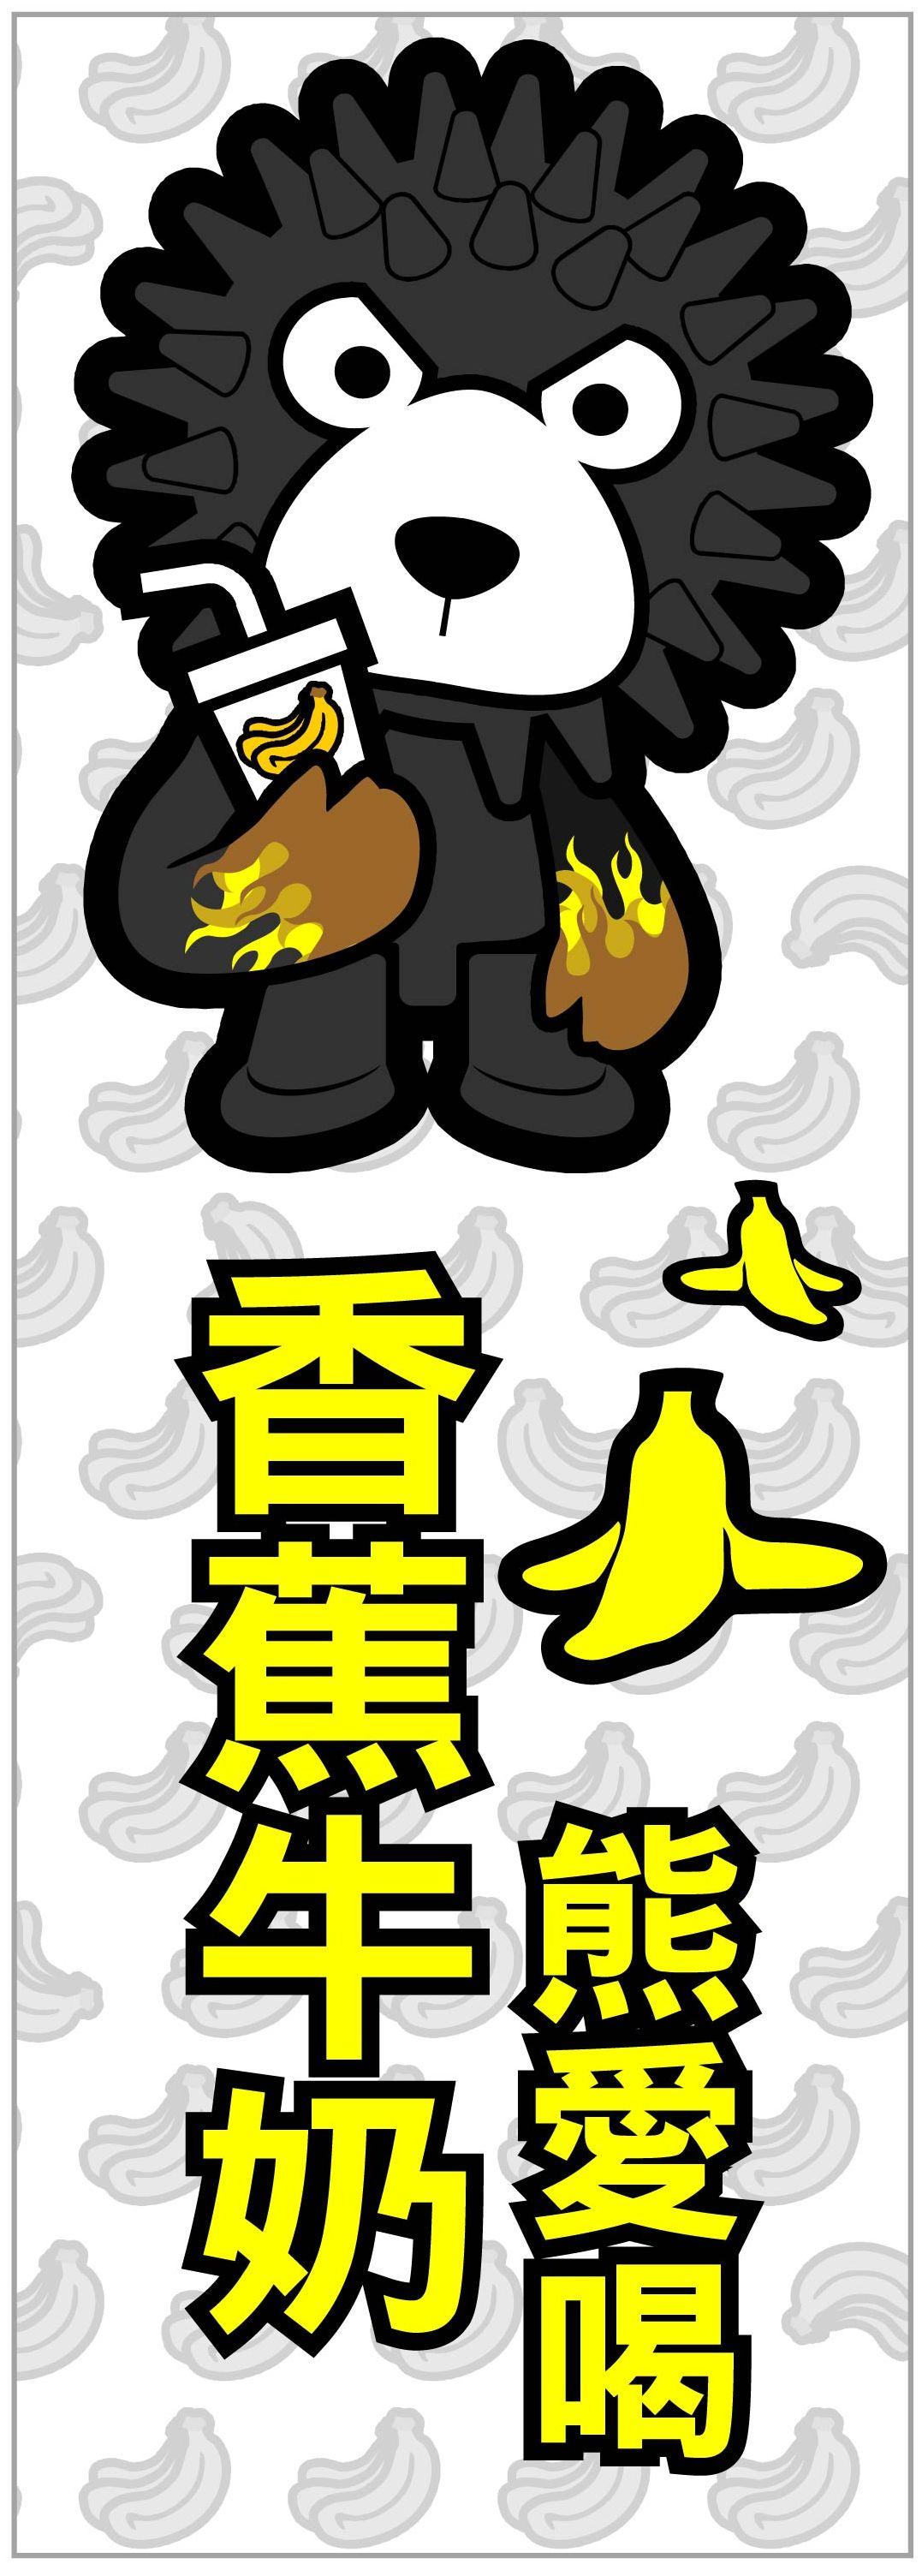 香蕉牛奶.jpg